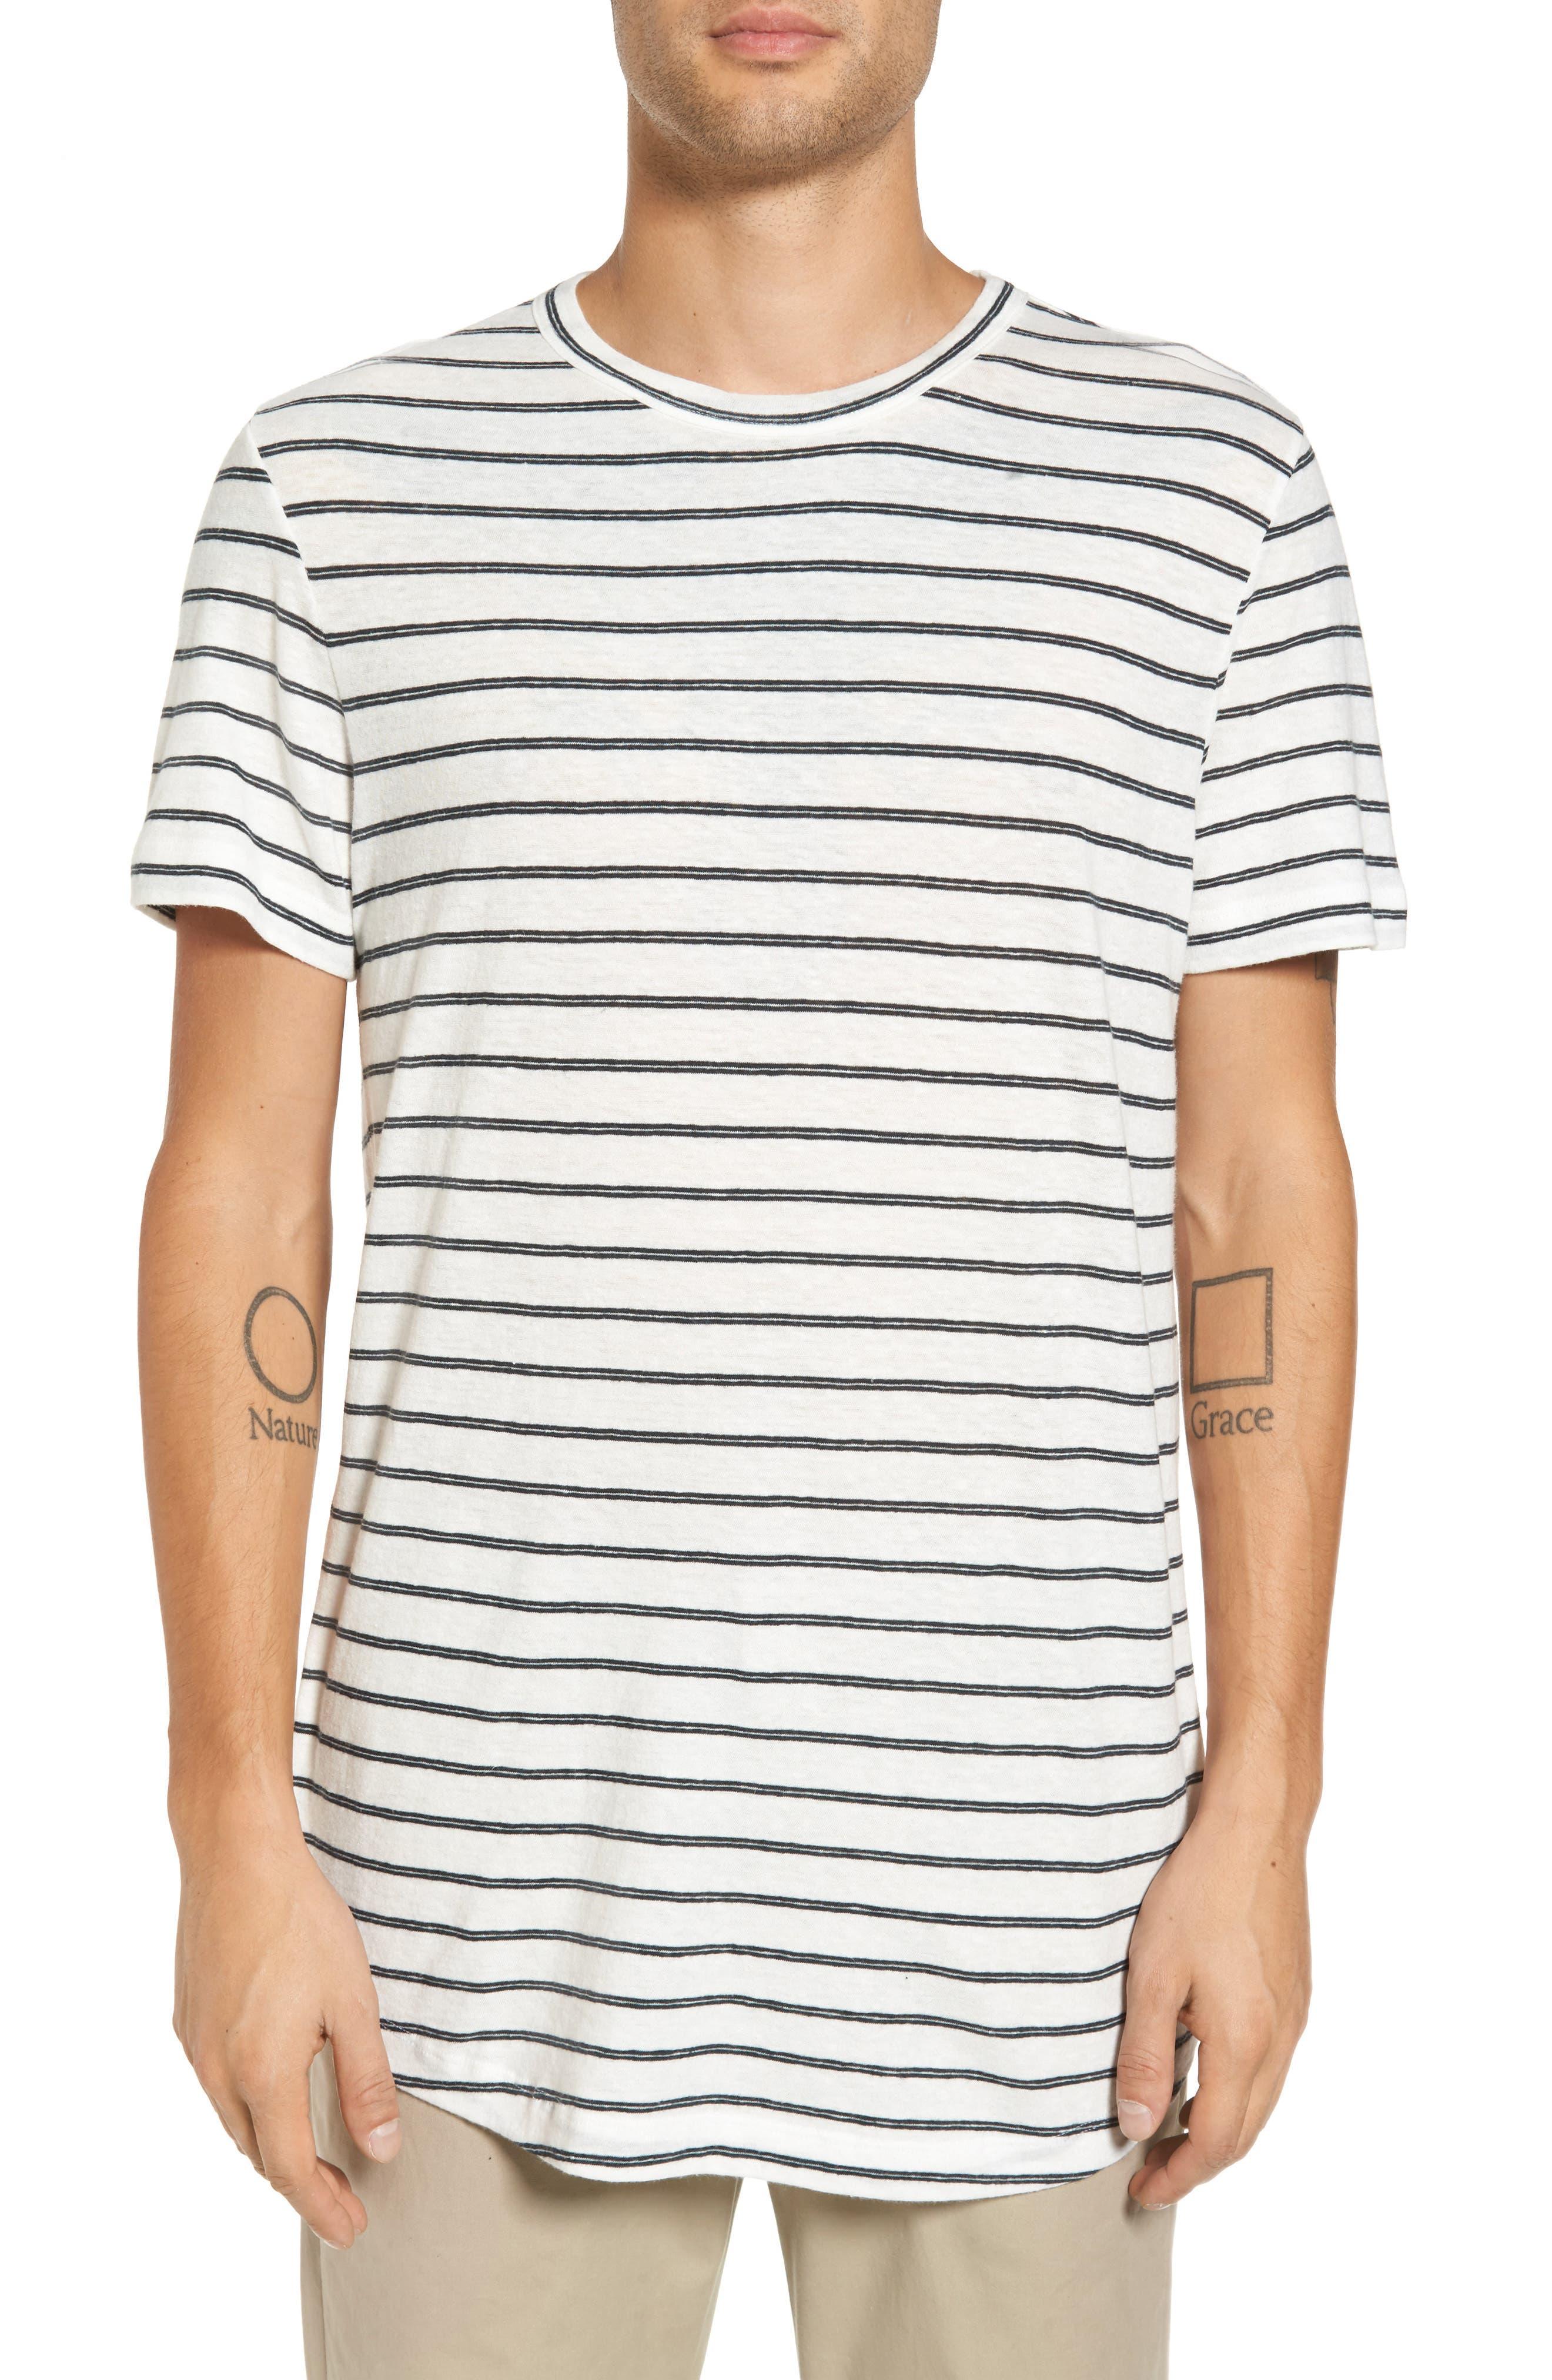 Theory Stripe Palm Jersey Standard T-Shirt